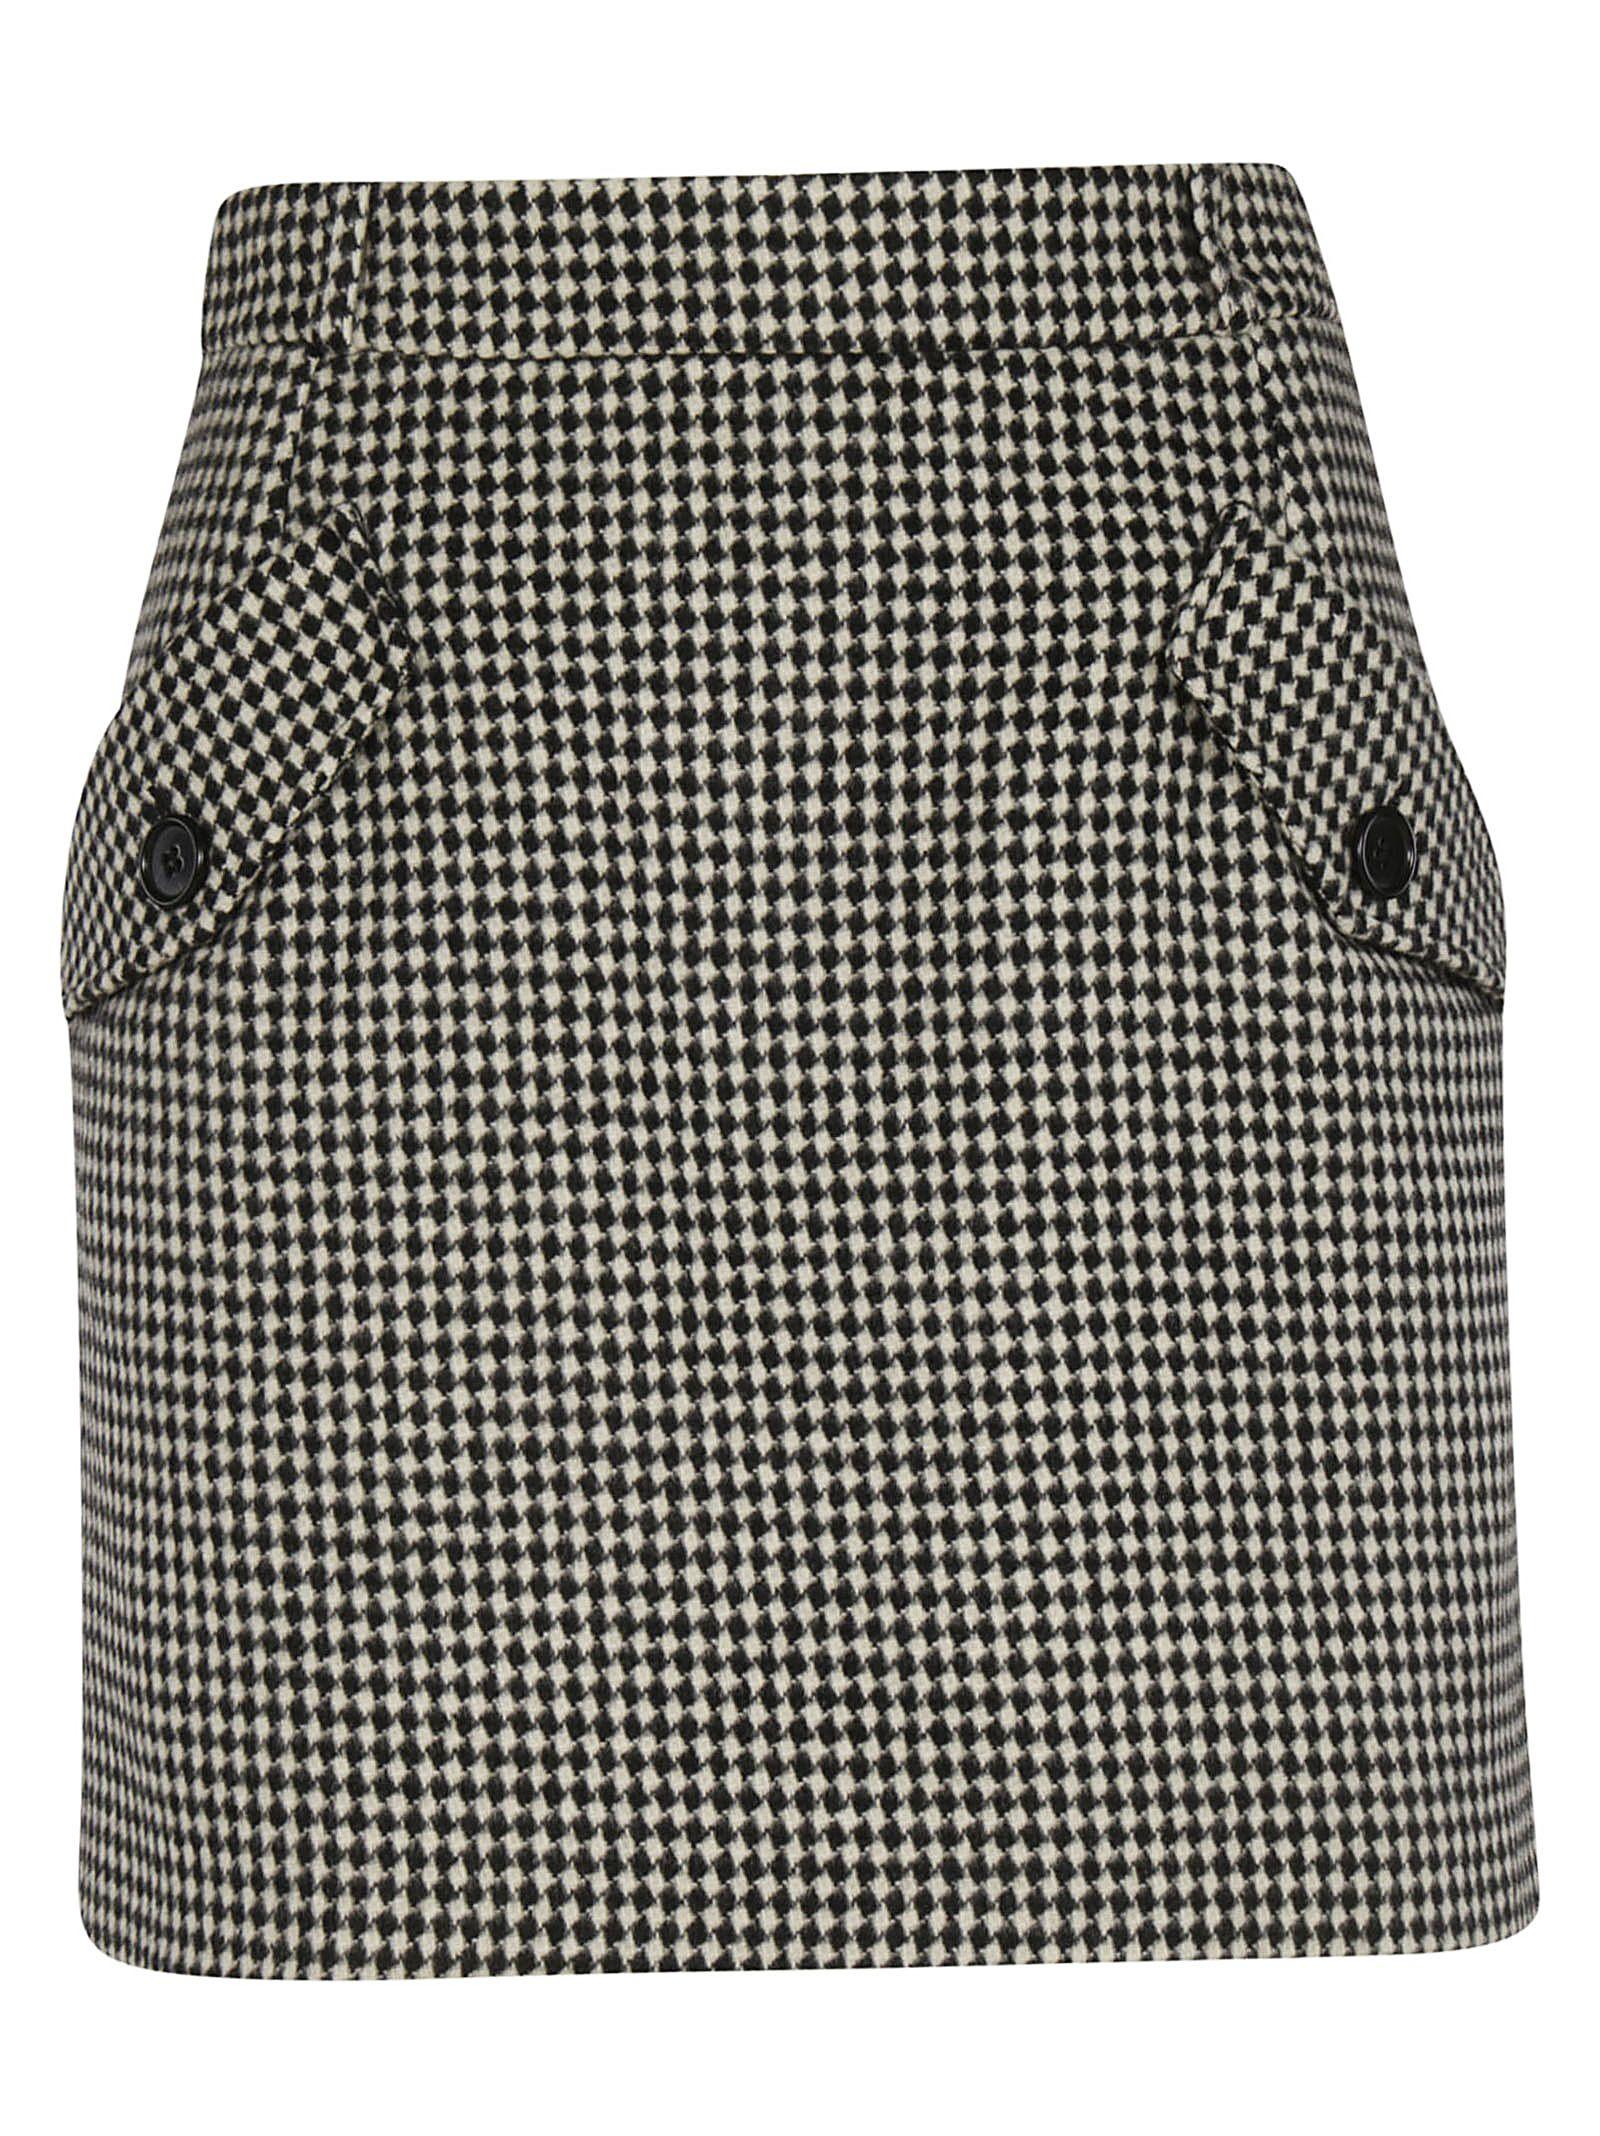 TARA JARMON Checked Skirt in Noir